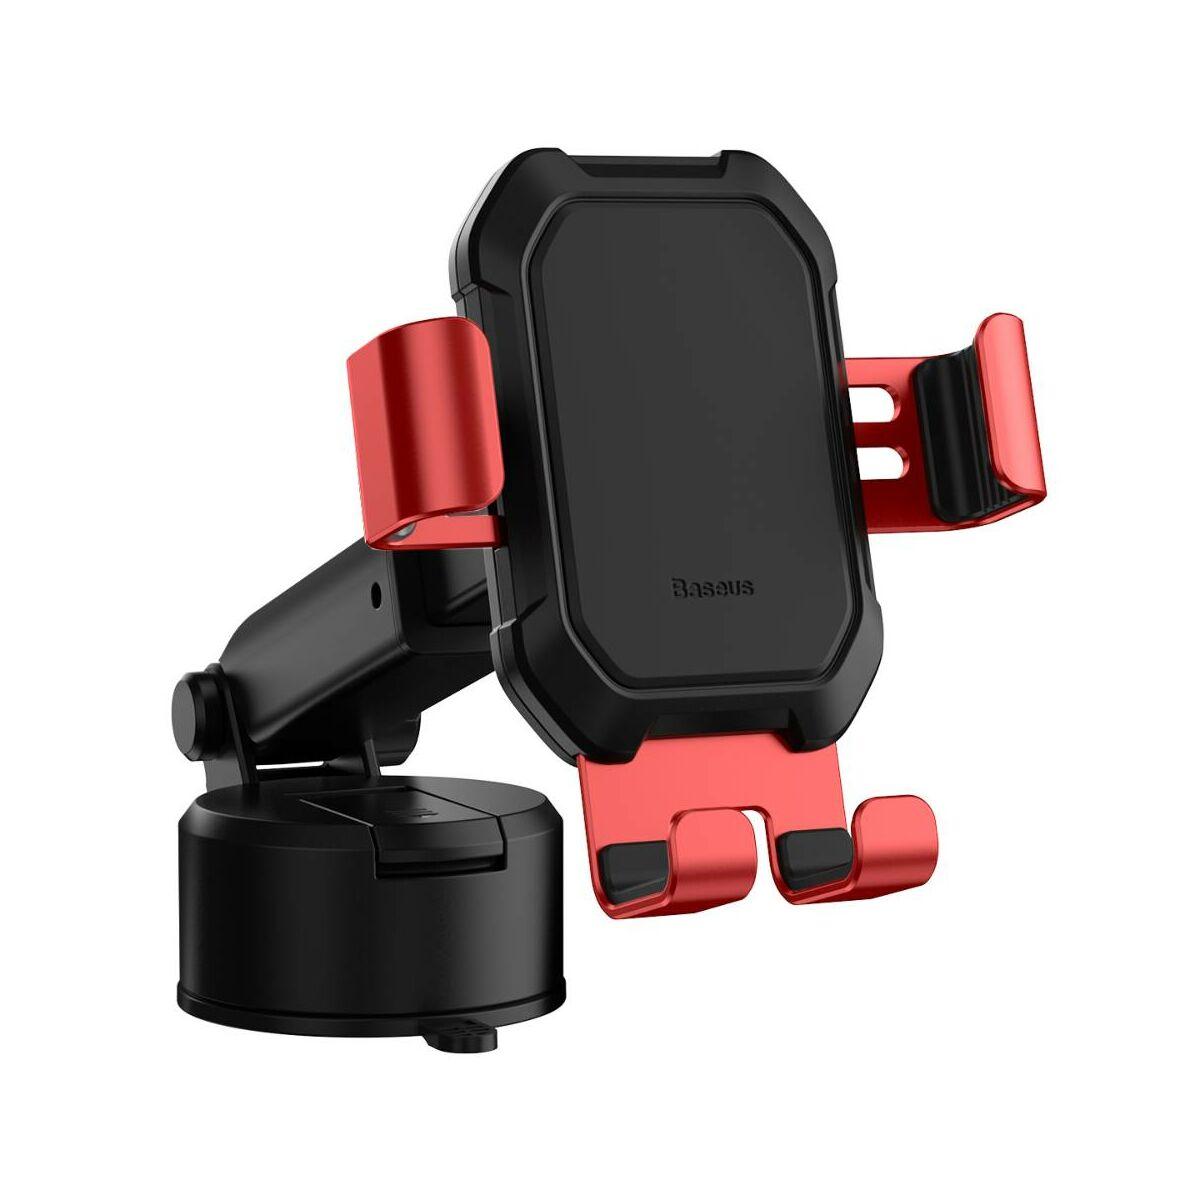 Baseus autós telefon tartó, Tank Gravity, műszerfalra vagy szélvédőre helyezhető, piros (SUYL-TK09)